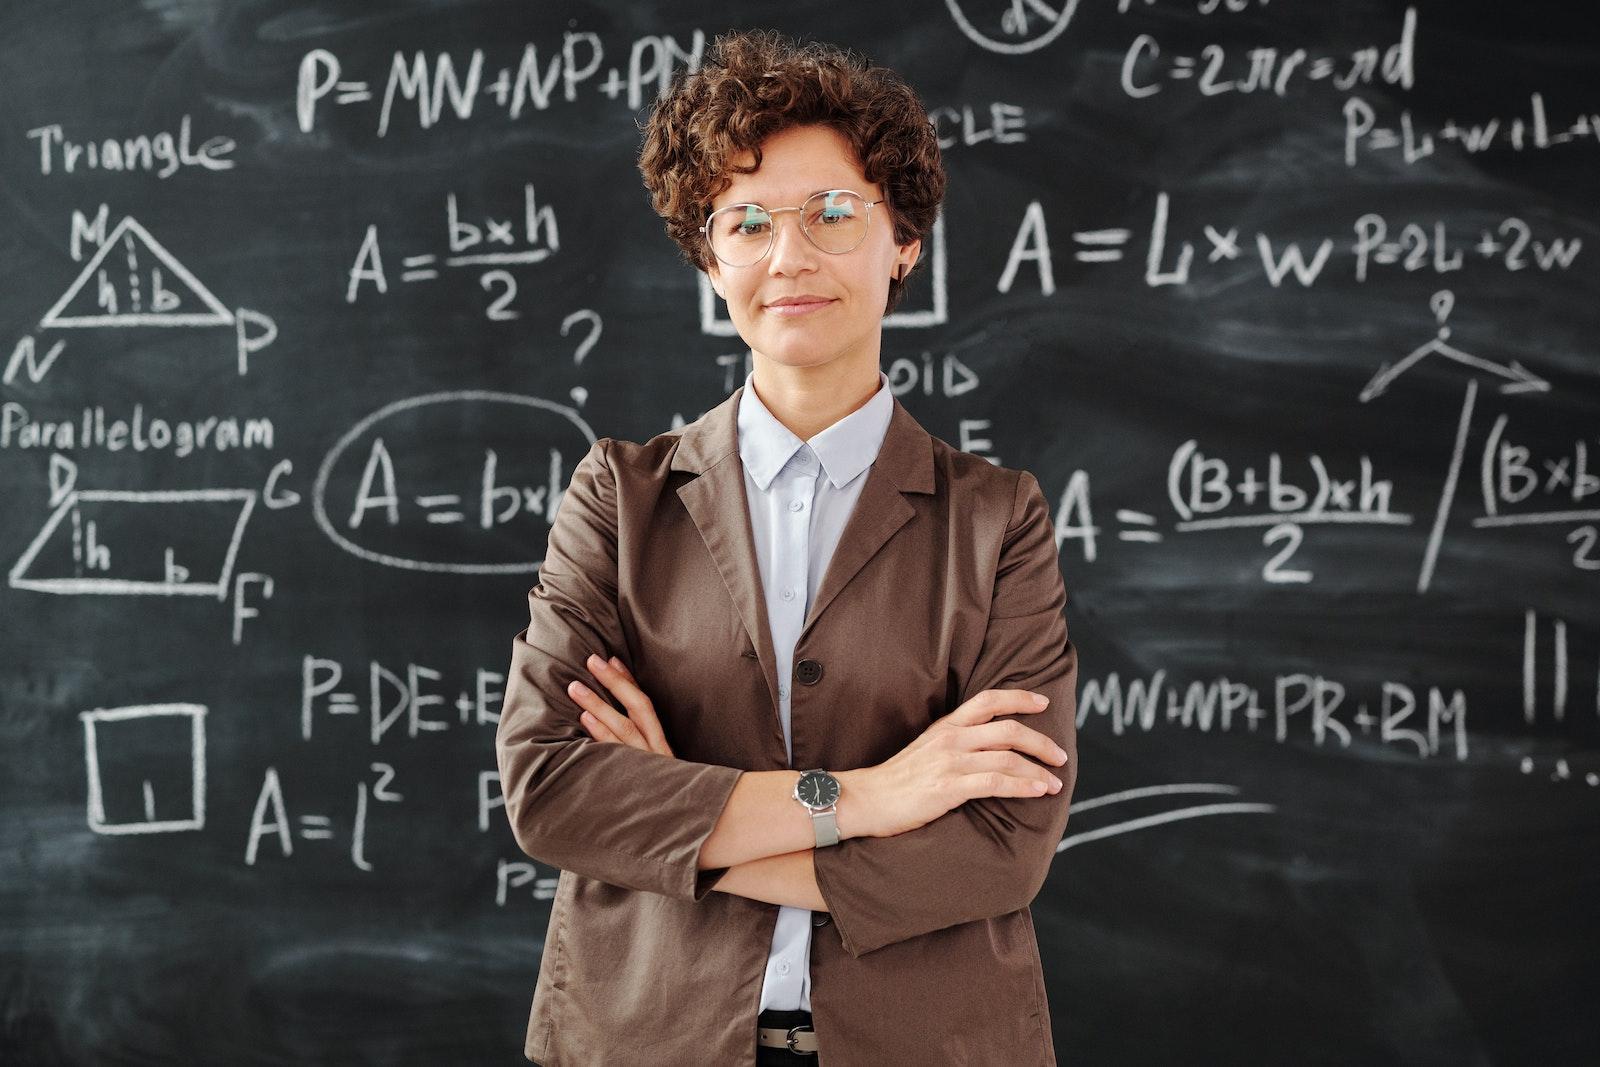 一名女教師站在充滿公式的黑板前